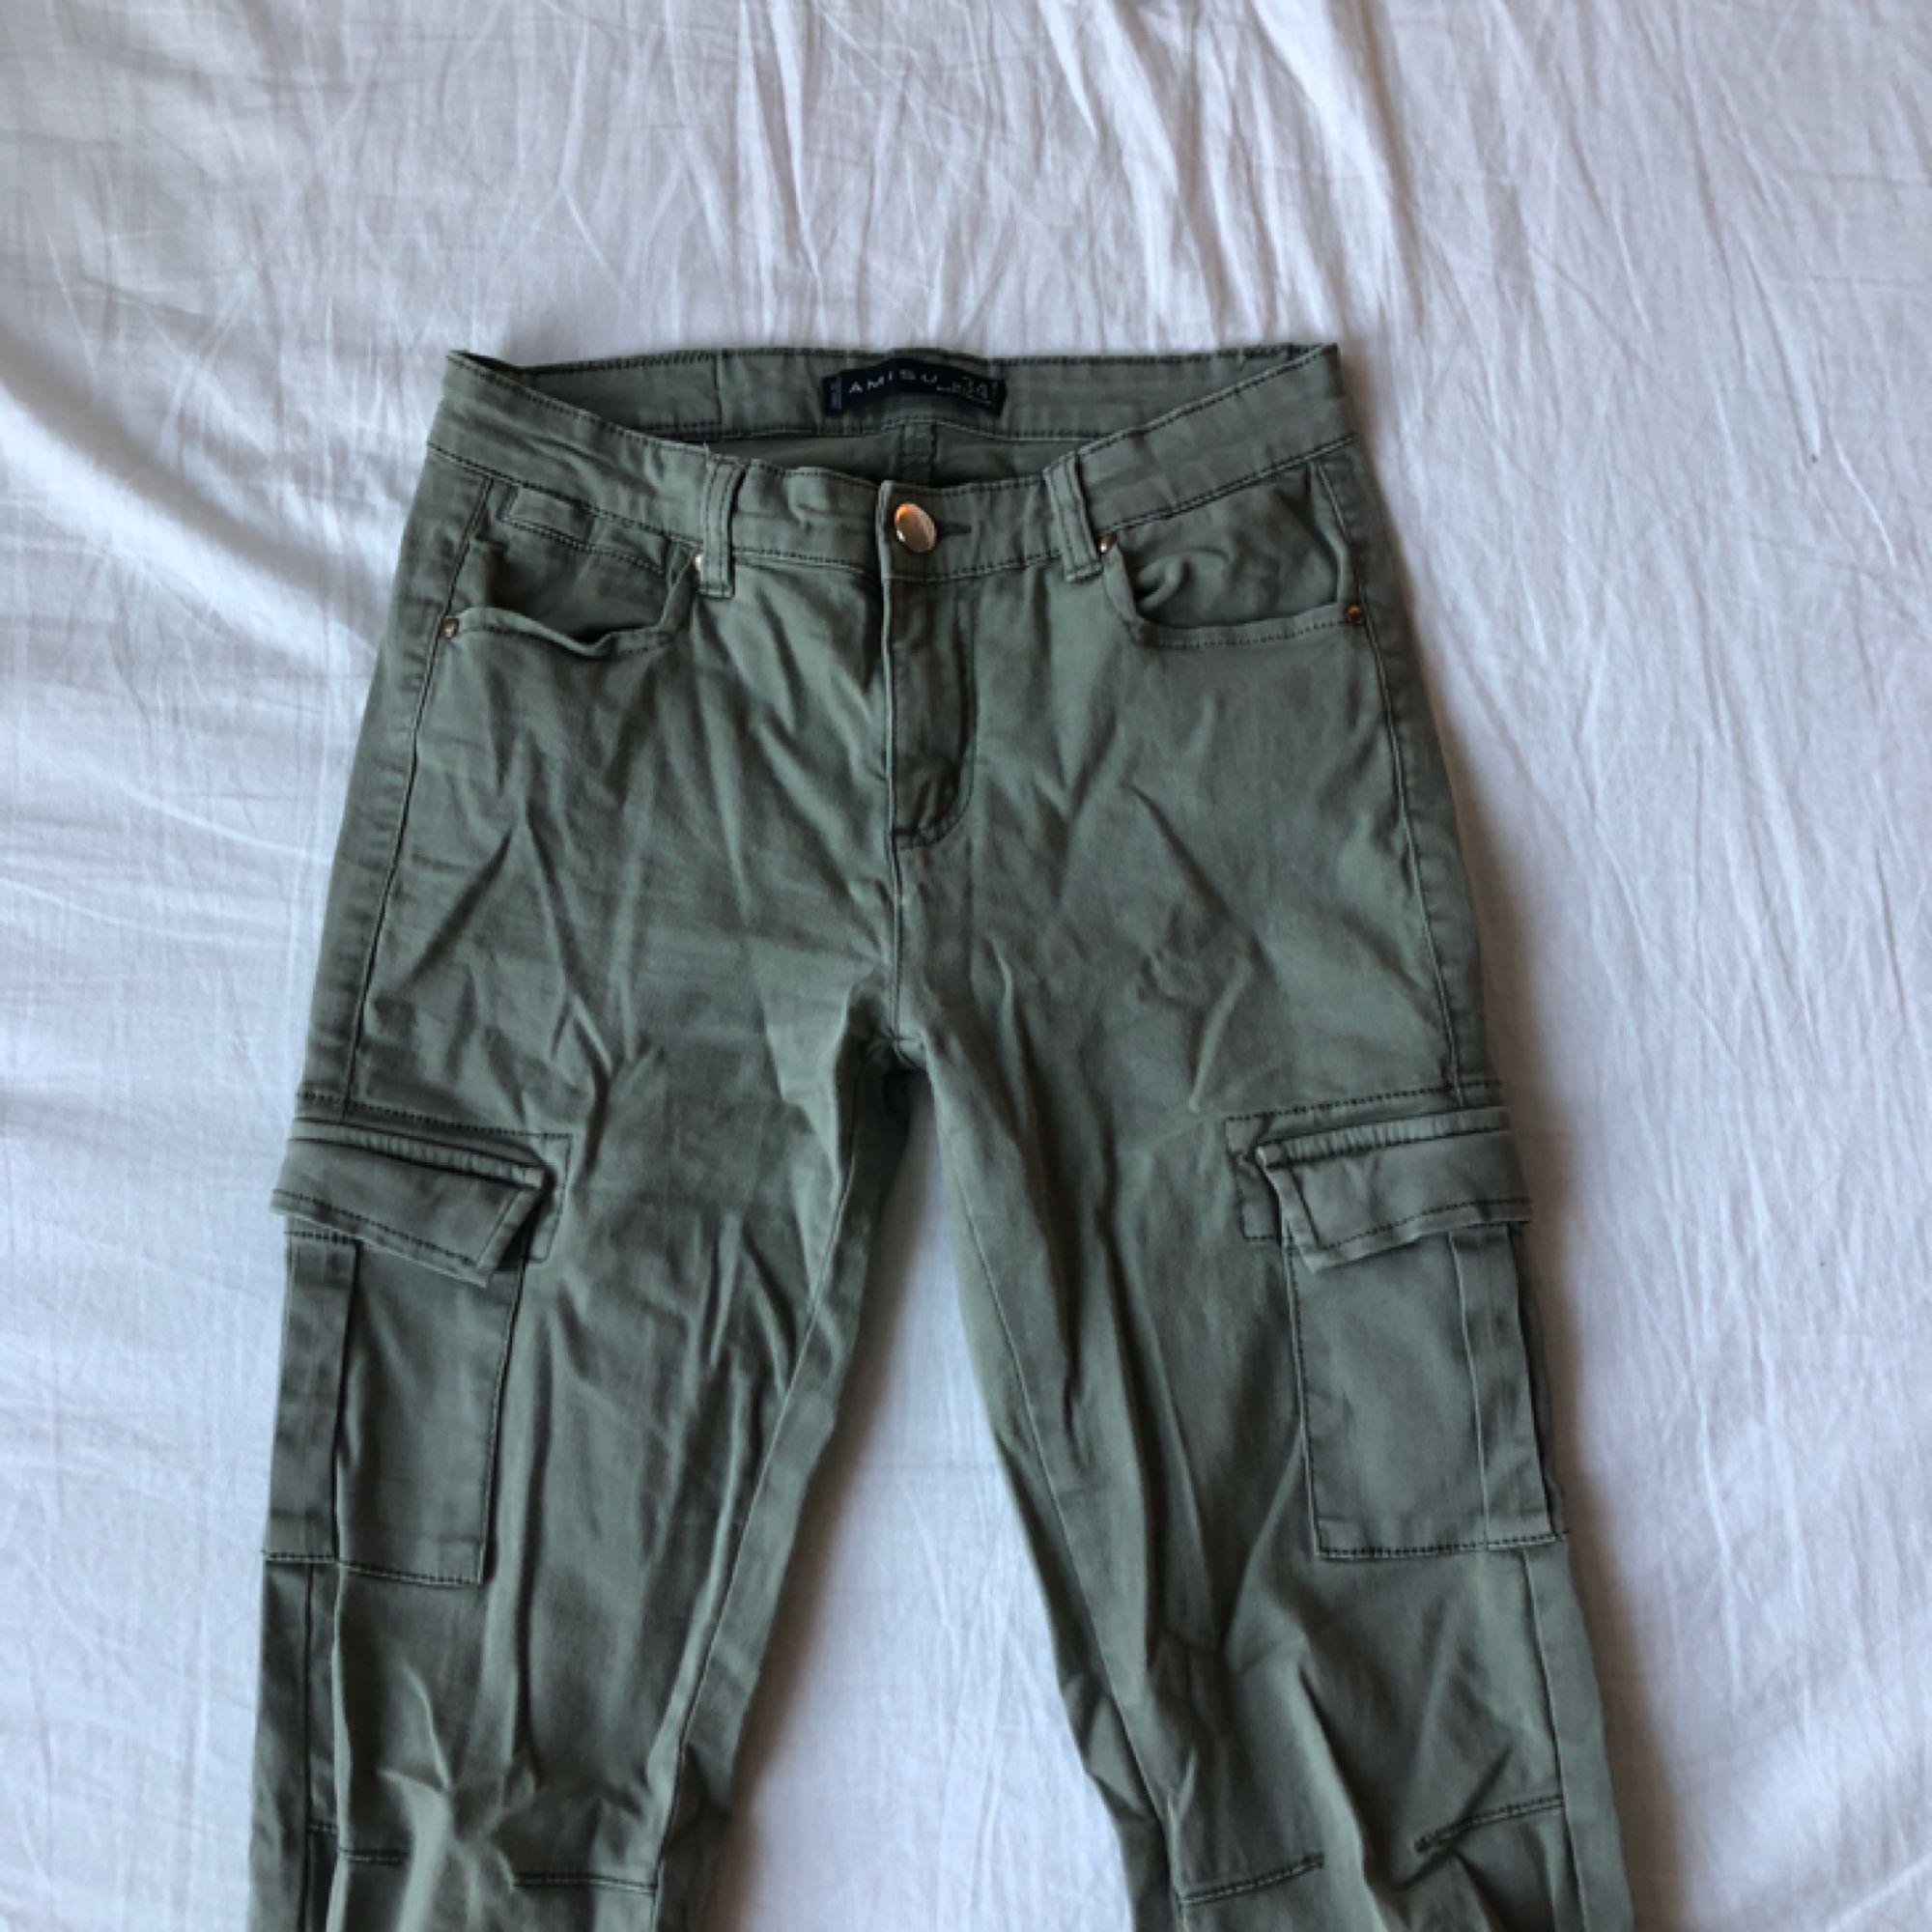 d3dbeffb2 Gröna cargo pants med fickor på sidan av benet. 80kr köparen står för frakt  ...